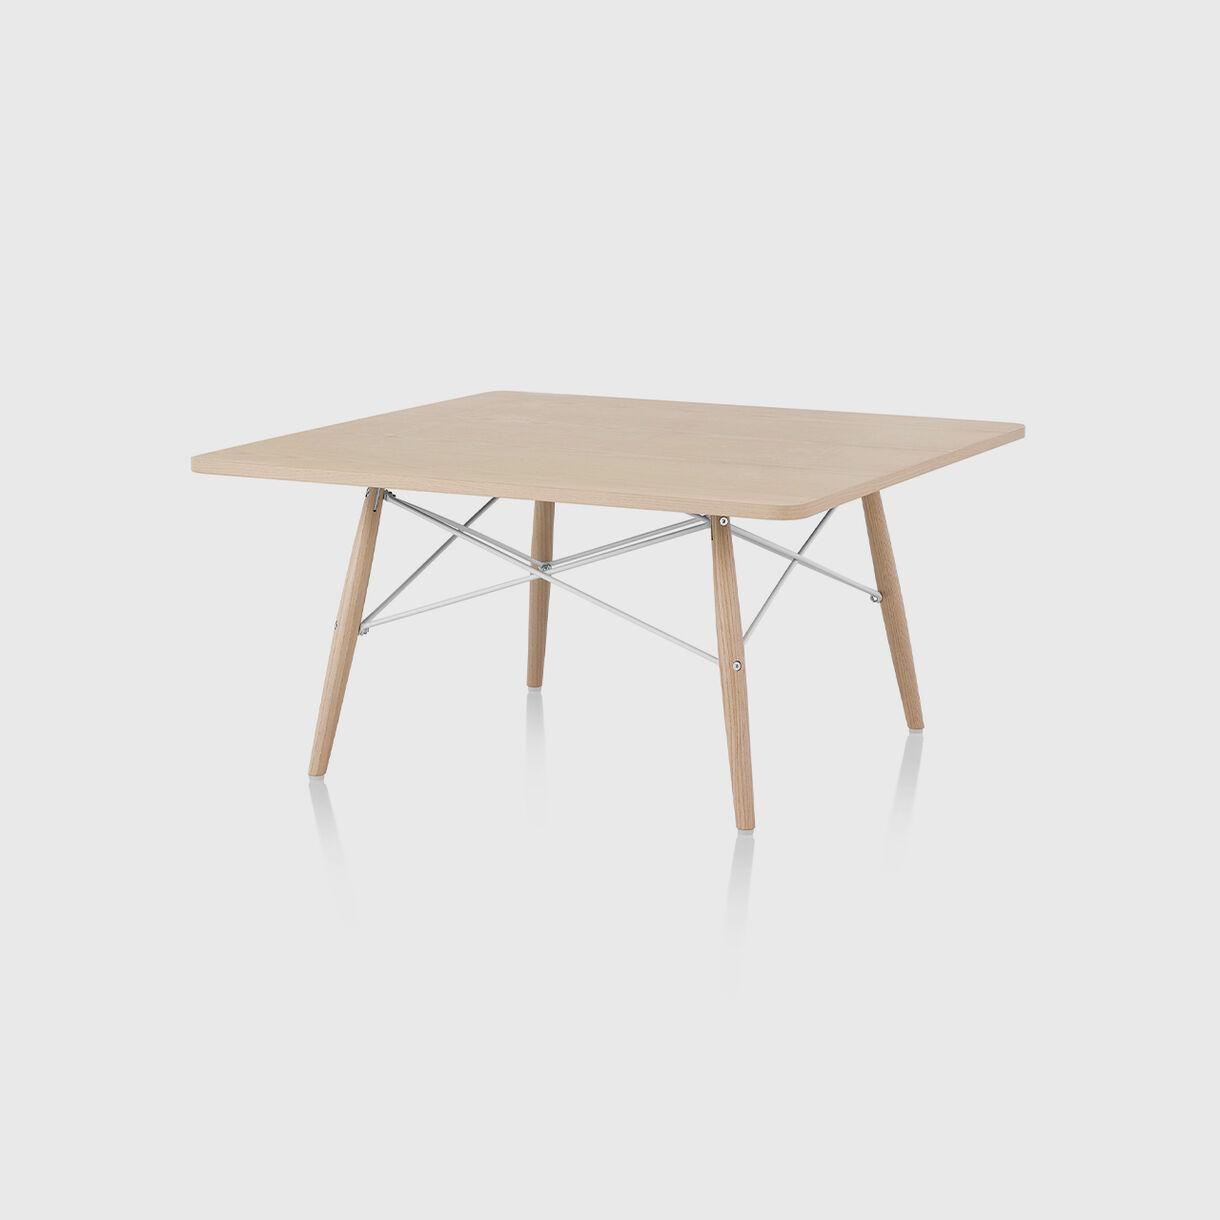 Eames Coffee Table, White Ash & White